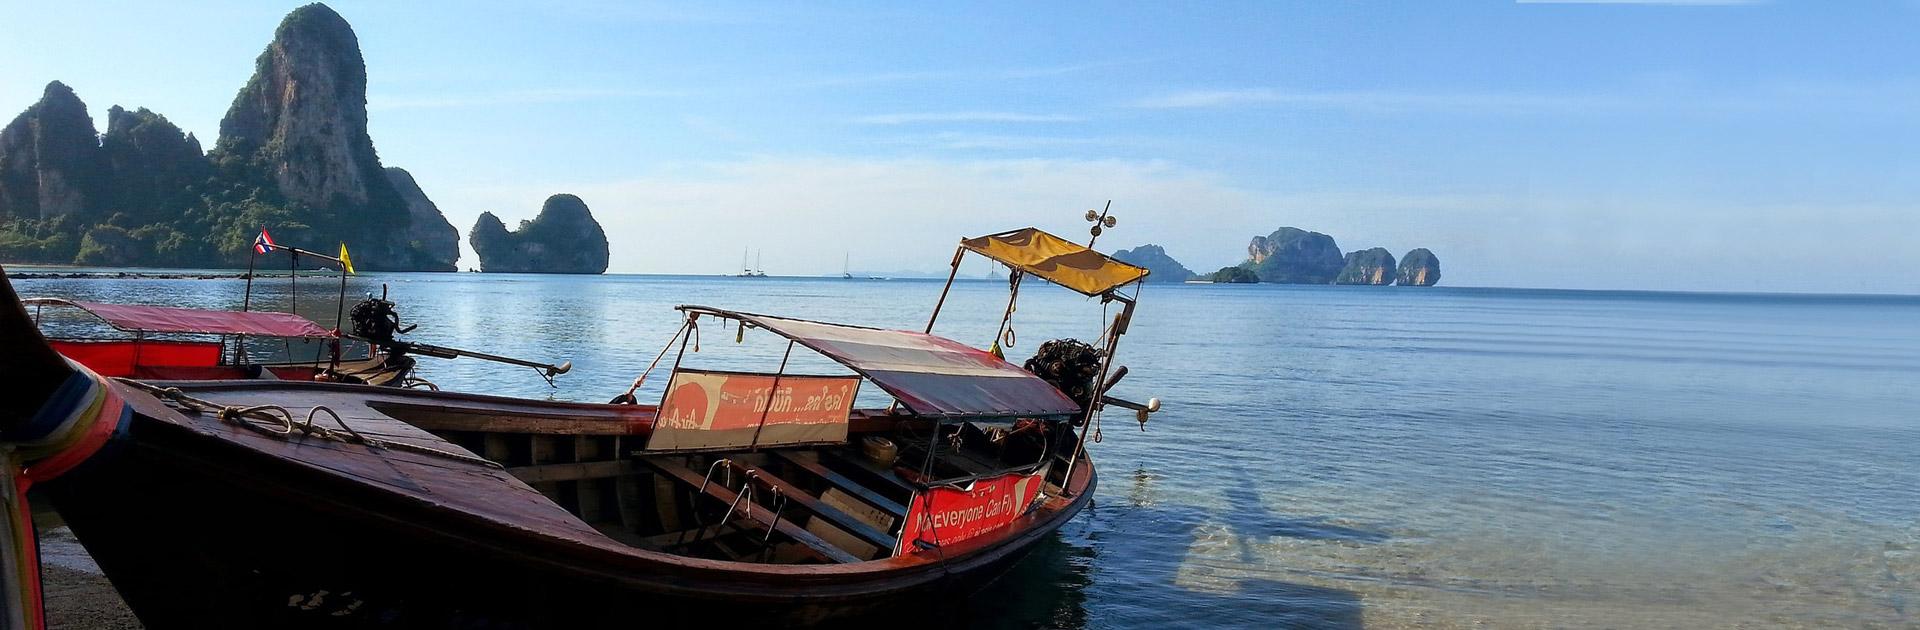 MMTH Escapada a Myanmar y Phuket 13 días 3